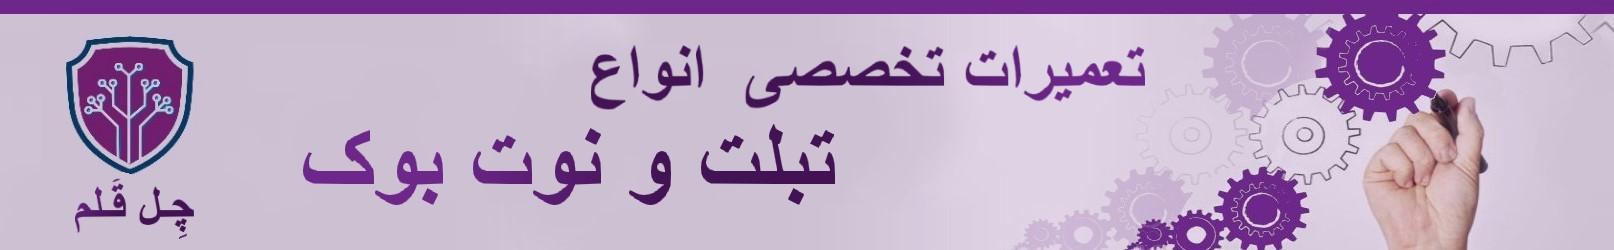 تعمیرات تبلت شیراز